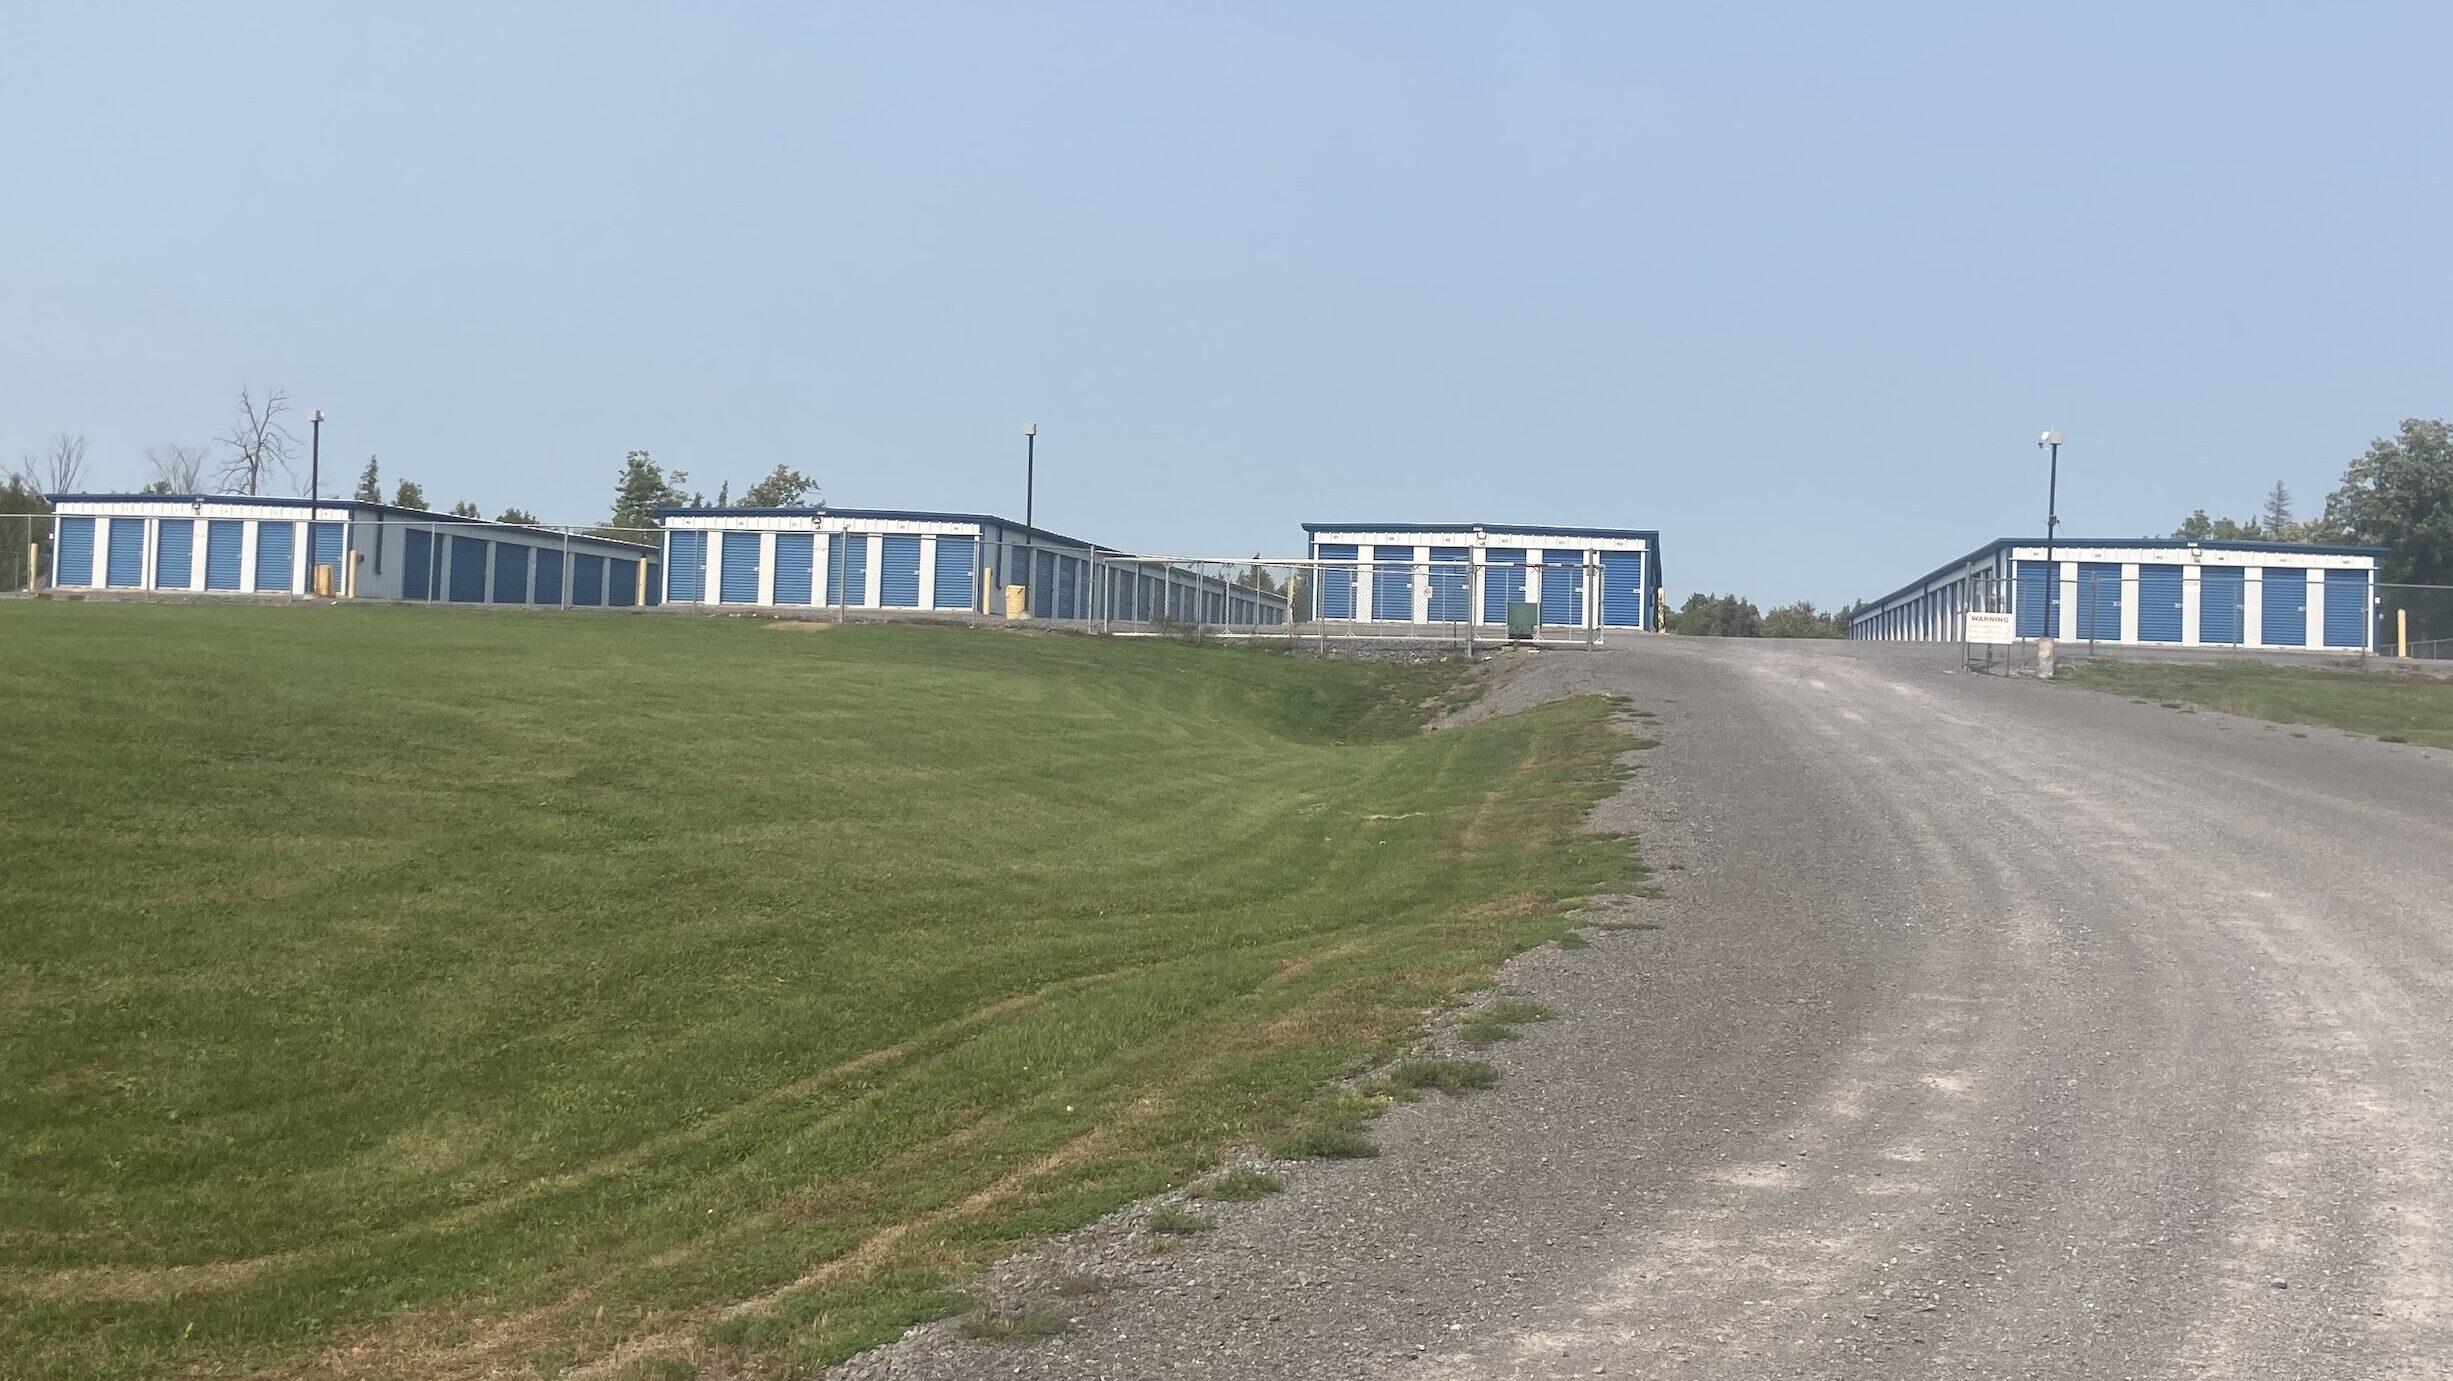 Glenvale & Harrowsmith Storage - Storage Unit Sizes (5′ x 10′ | 10′ x 10′ | 10′ x 15′ | 10′ x 20′)